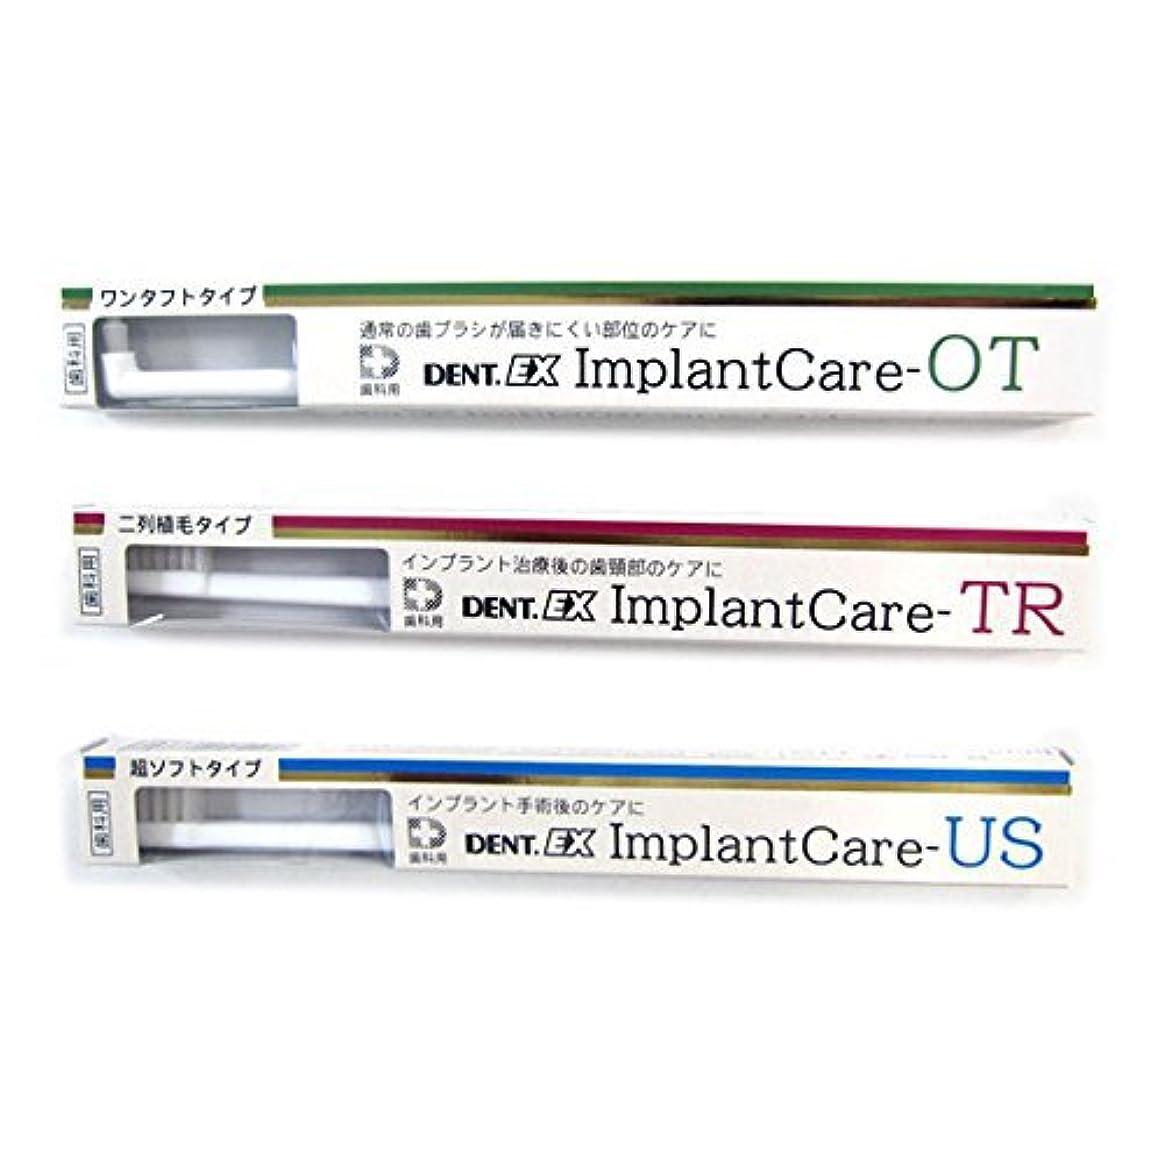 結婚する局定刻デント DENT EX ImplantCare インプラントケア 単品 TR(二列)